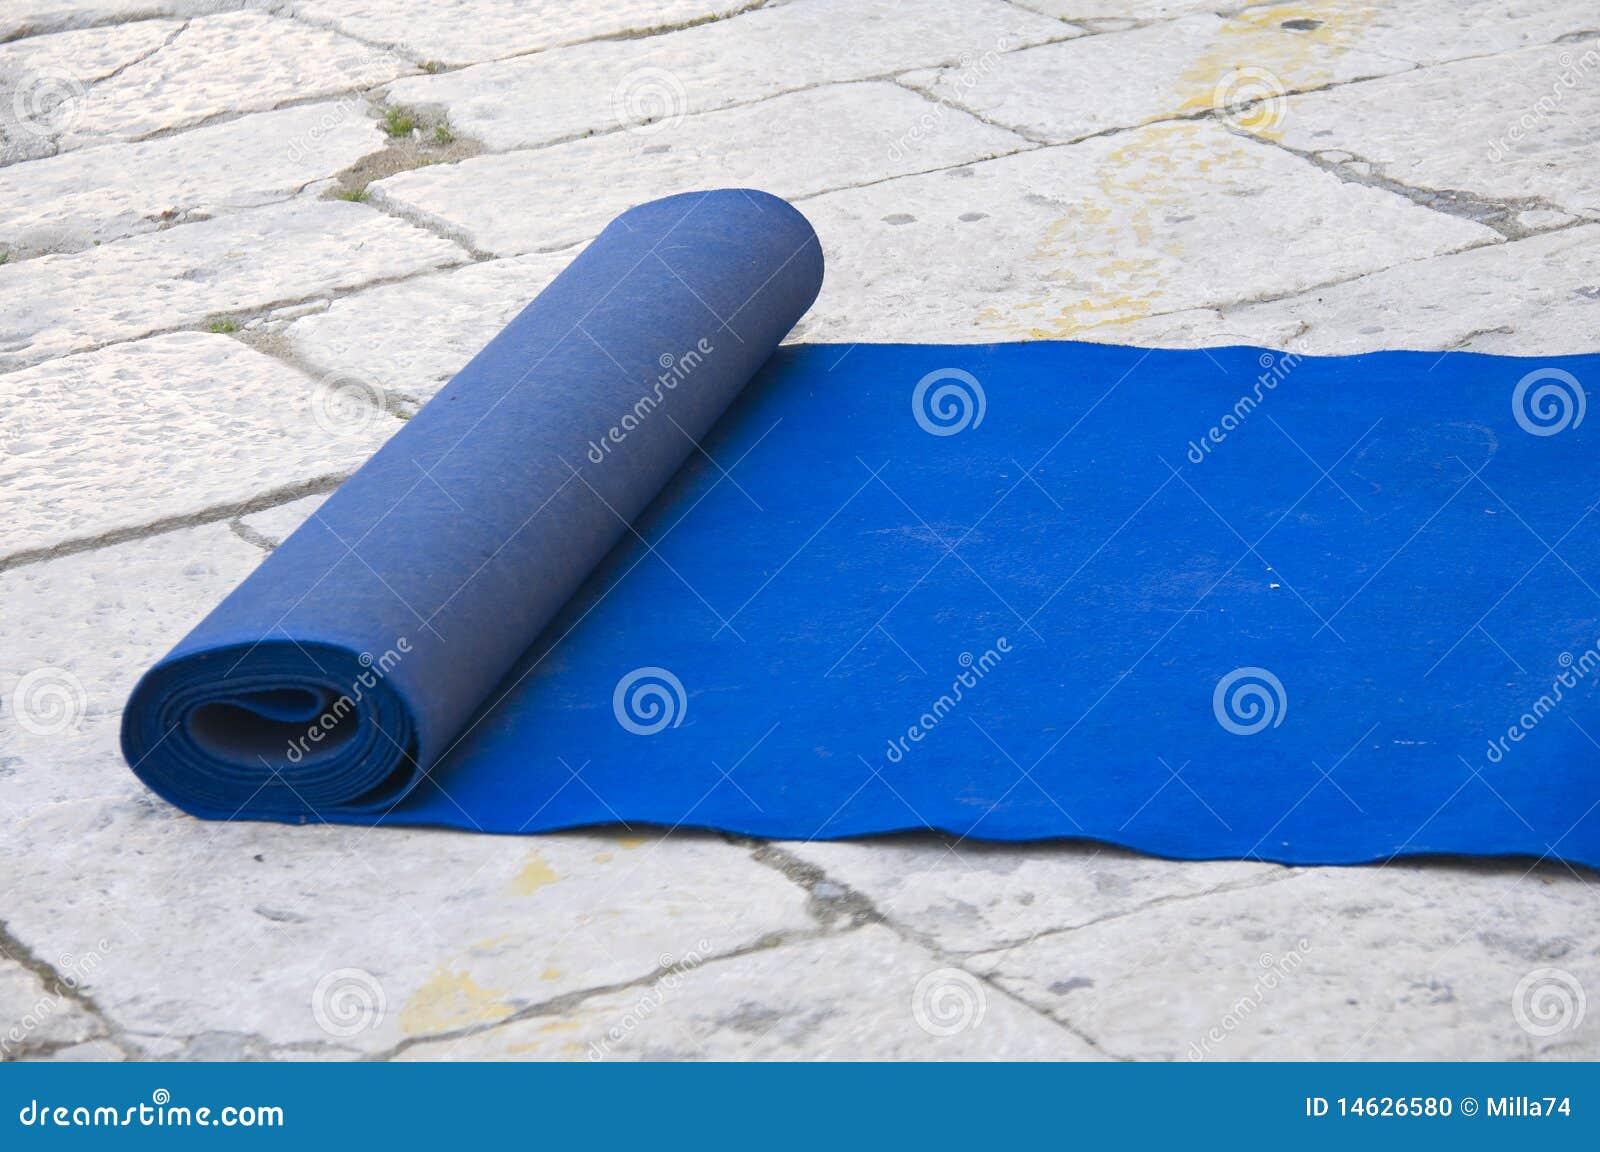 blauer teppich stockfotos – 1,005 blauer teppich stockbilder, Hause ideen